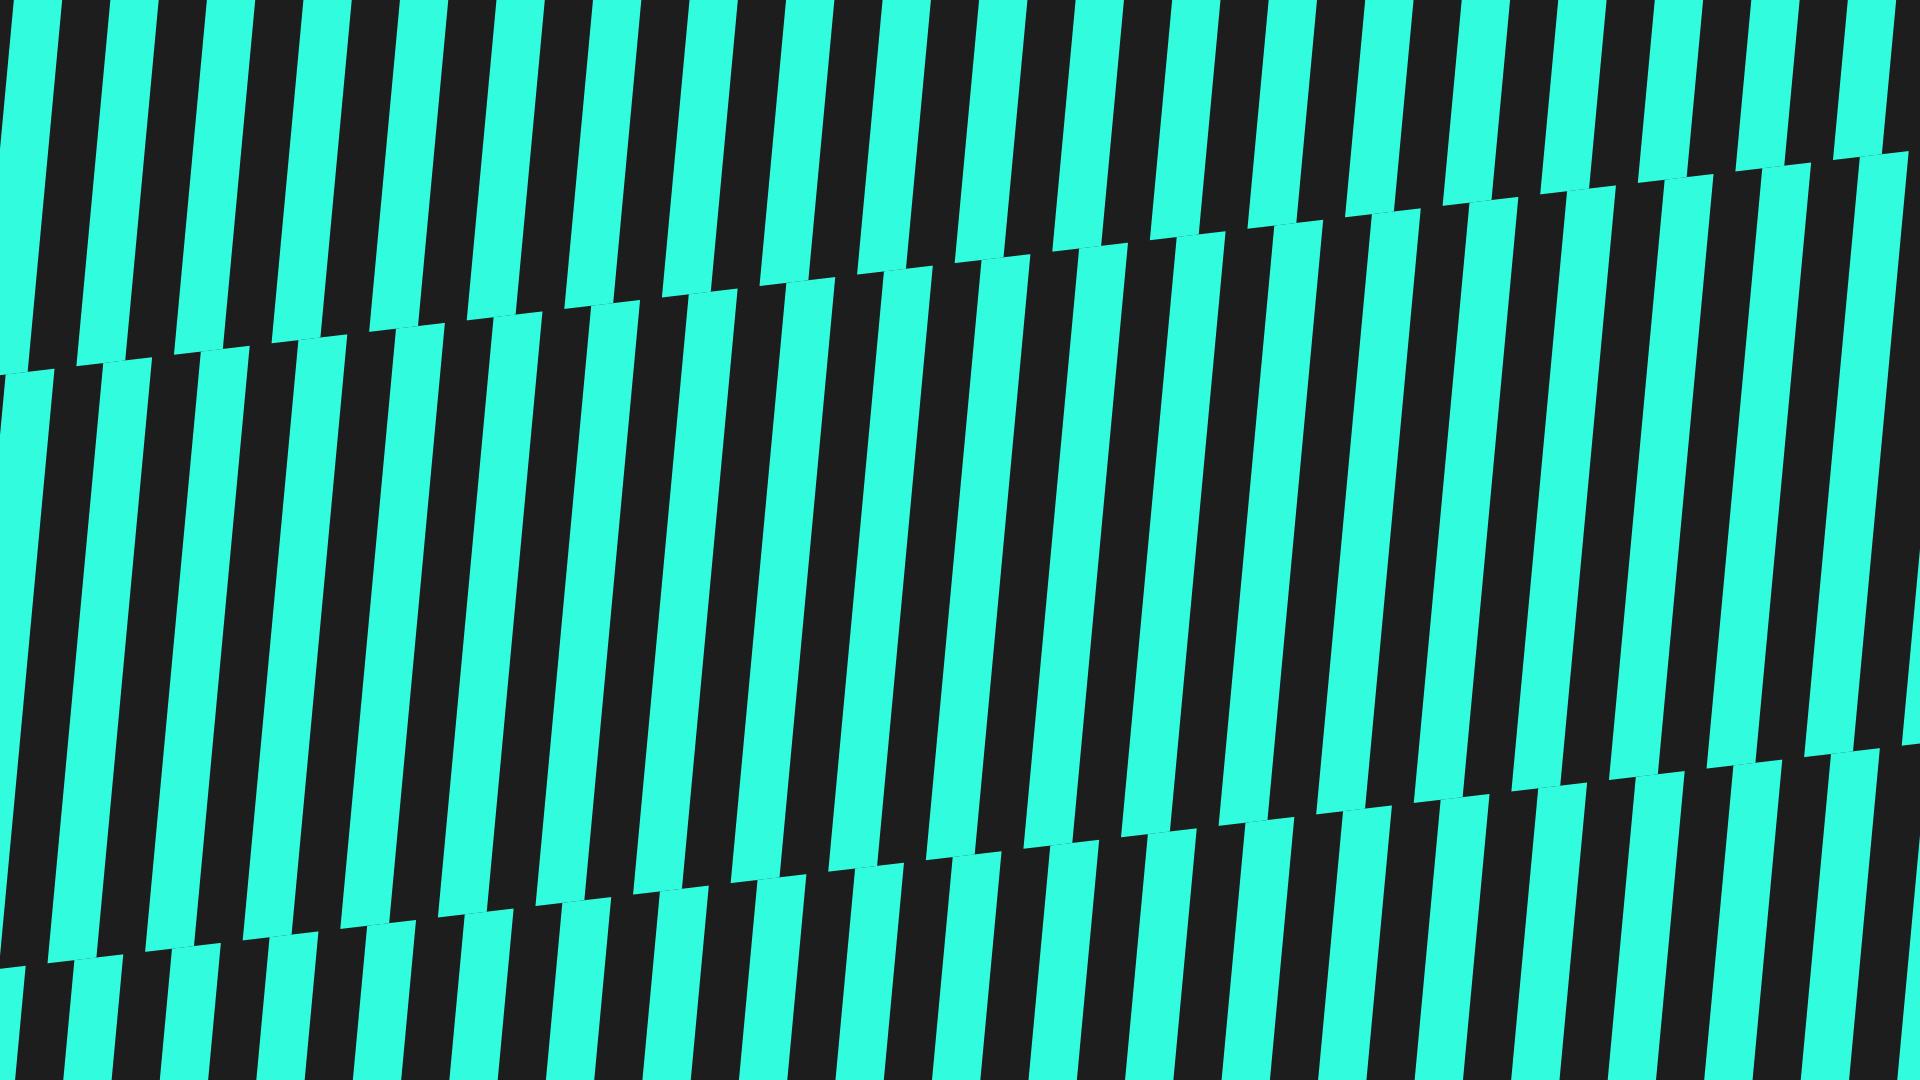 LED_BG_08.jpg